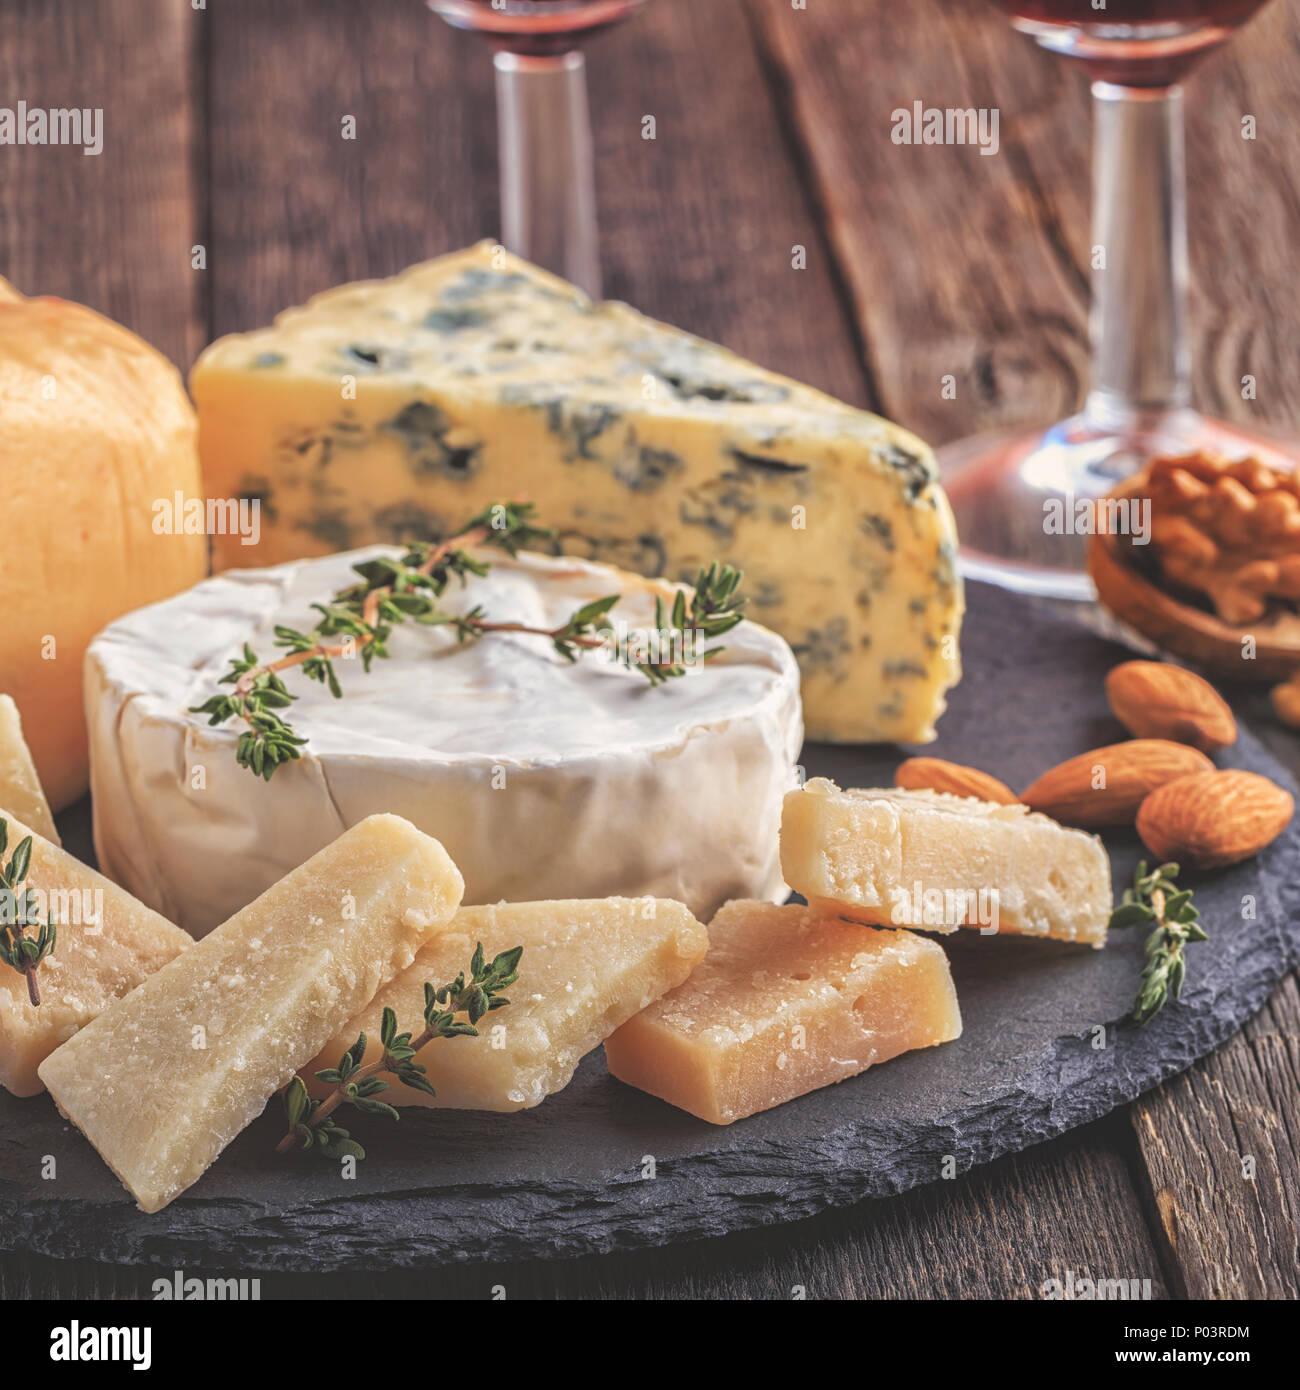 Le fromage, les noix, le miel et le vin rouge sur fond de bois, selective focus. Photo Stock